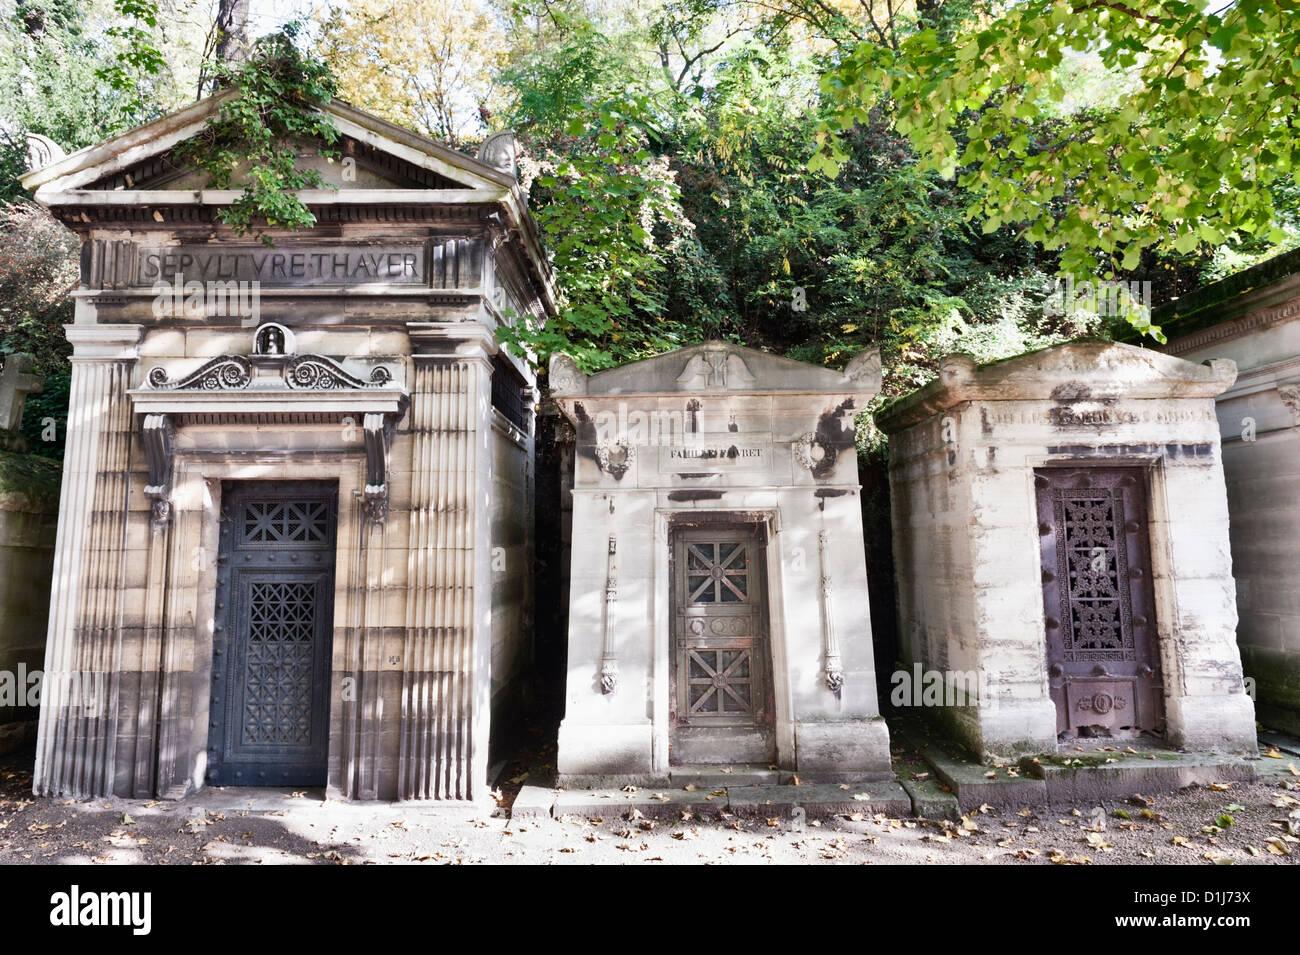 Père Lachaise Cemetery (Cimetière du Père-Lachaise) in autumn - mausoleums (family tombs) - Stock Image